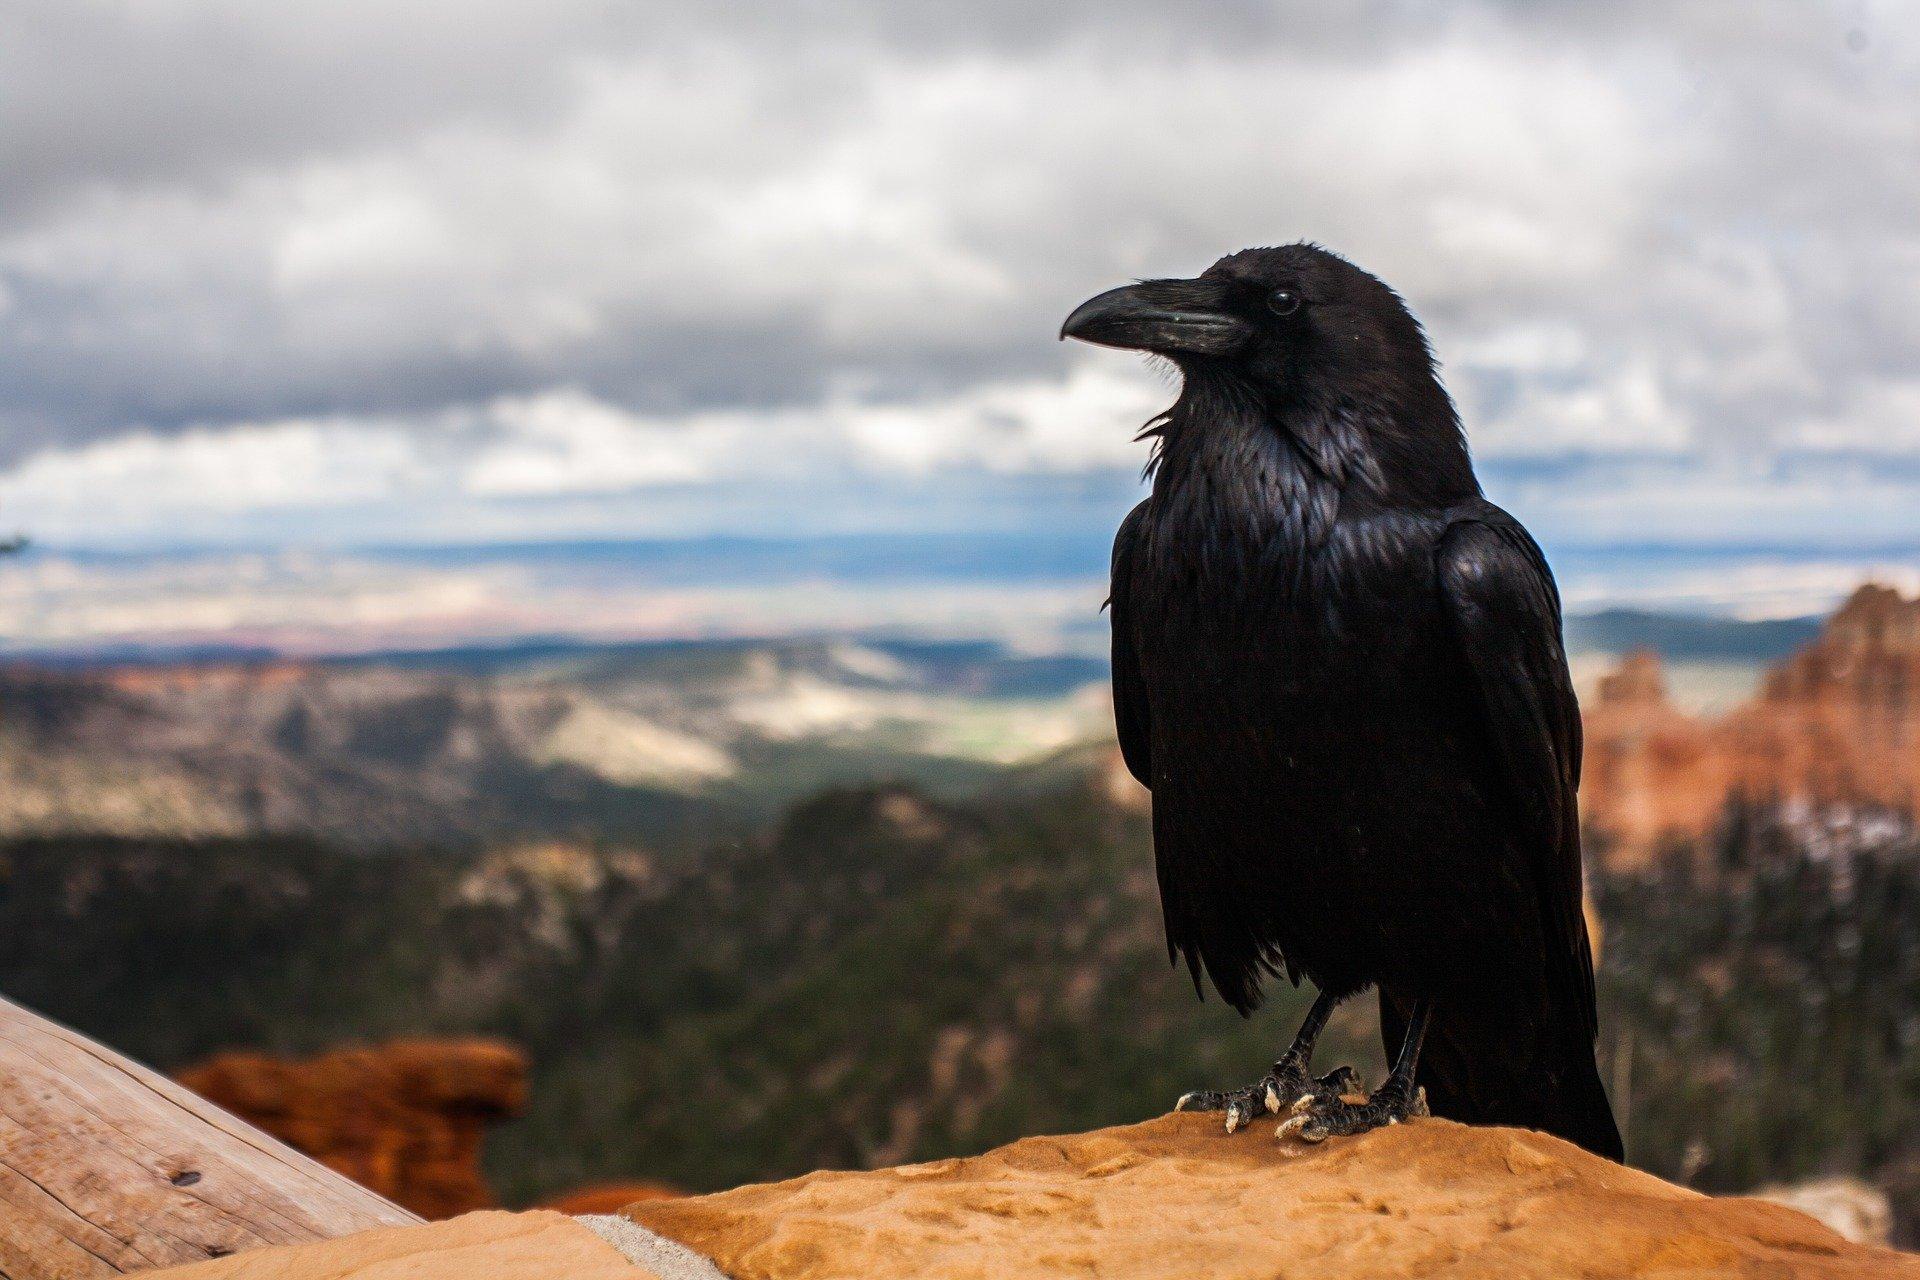 Krähe - crow